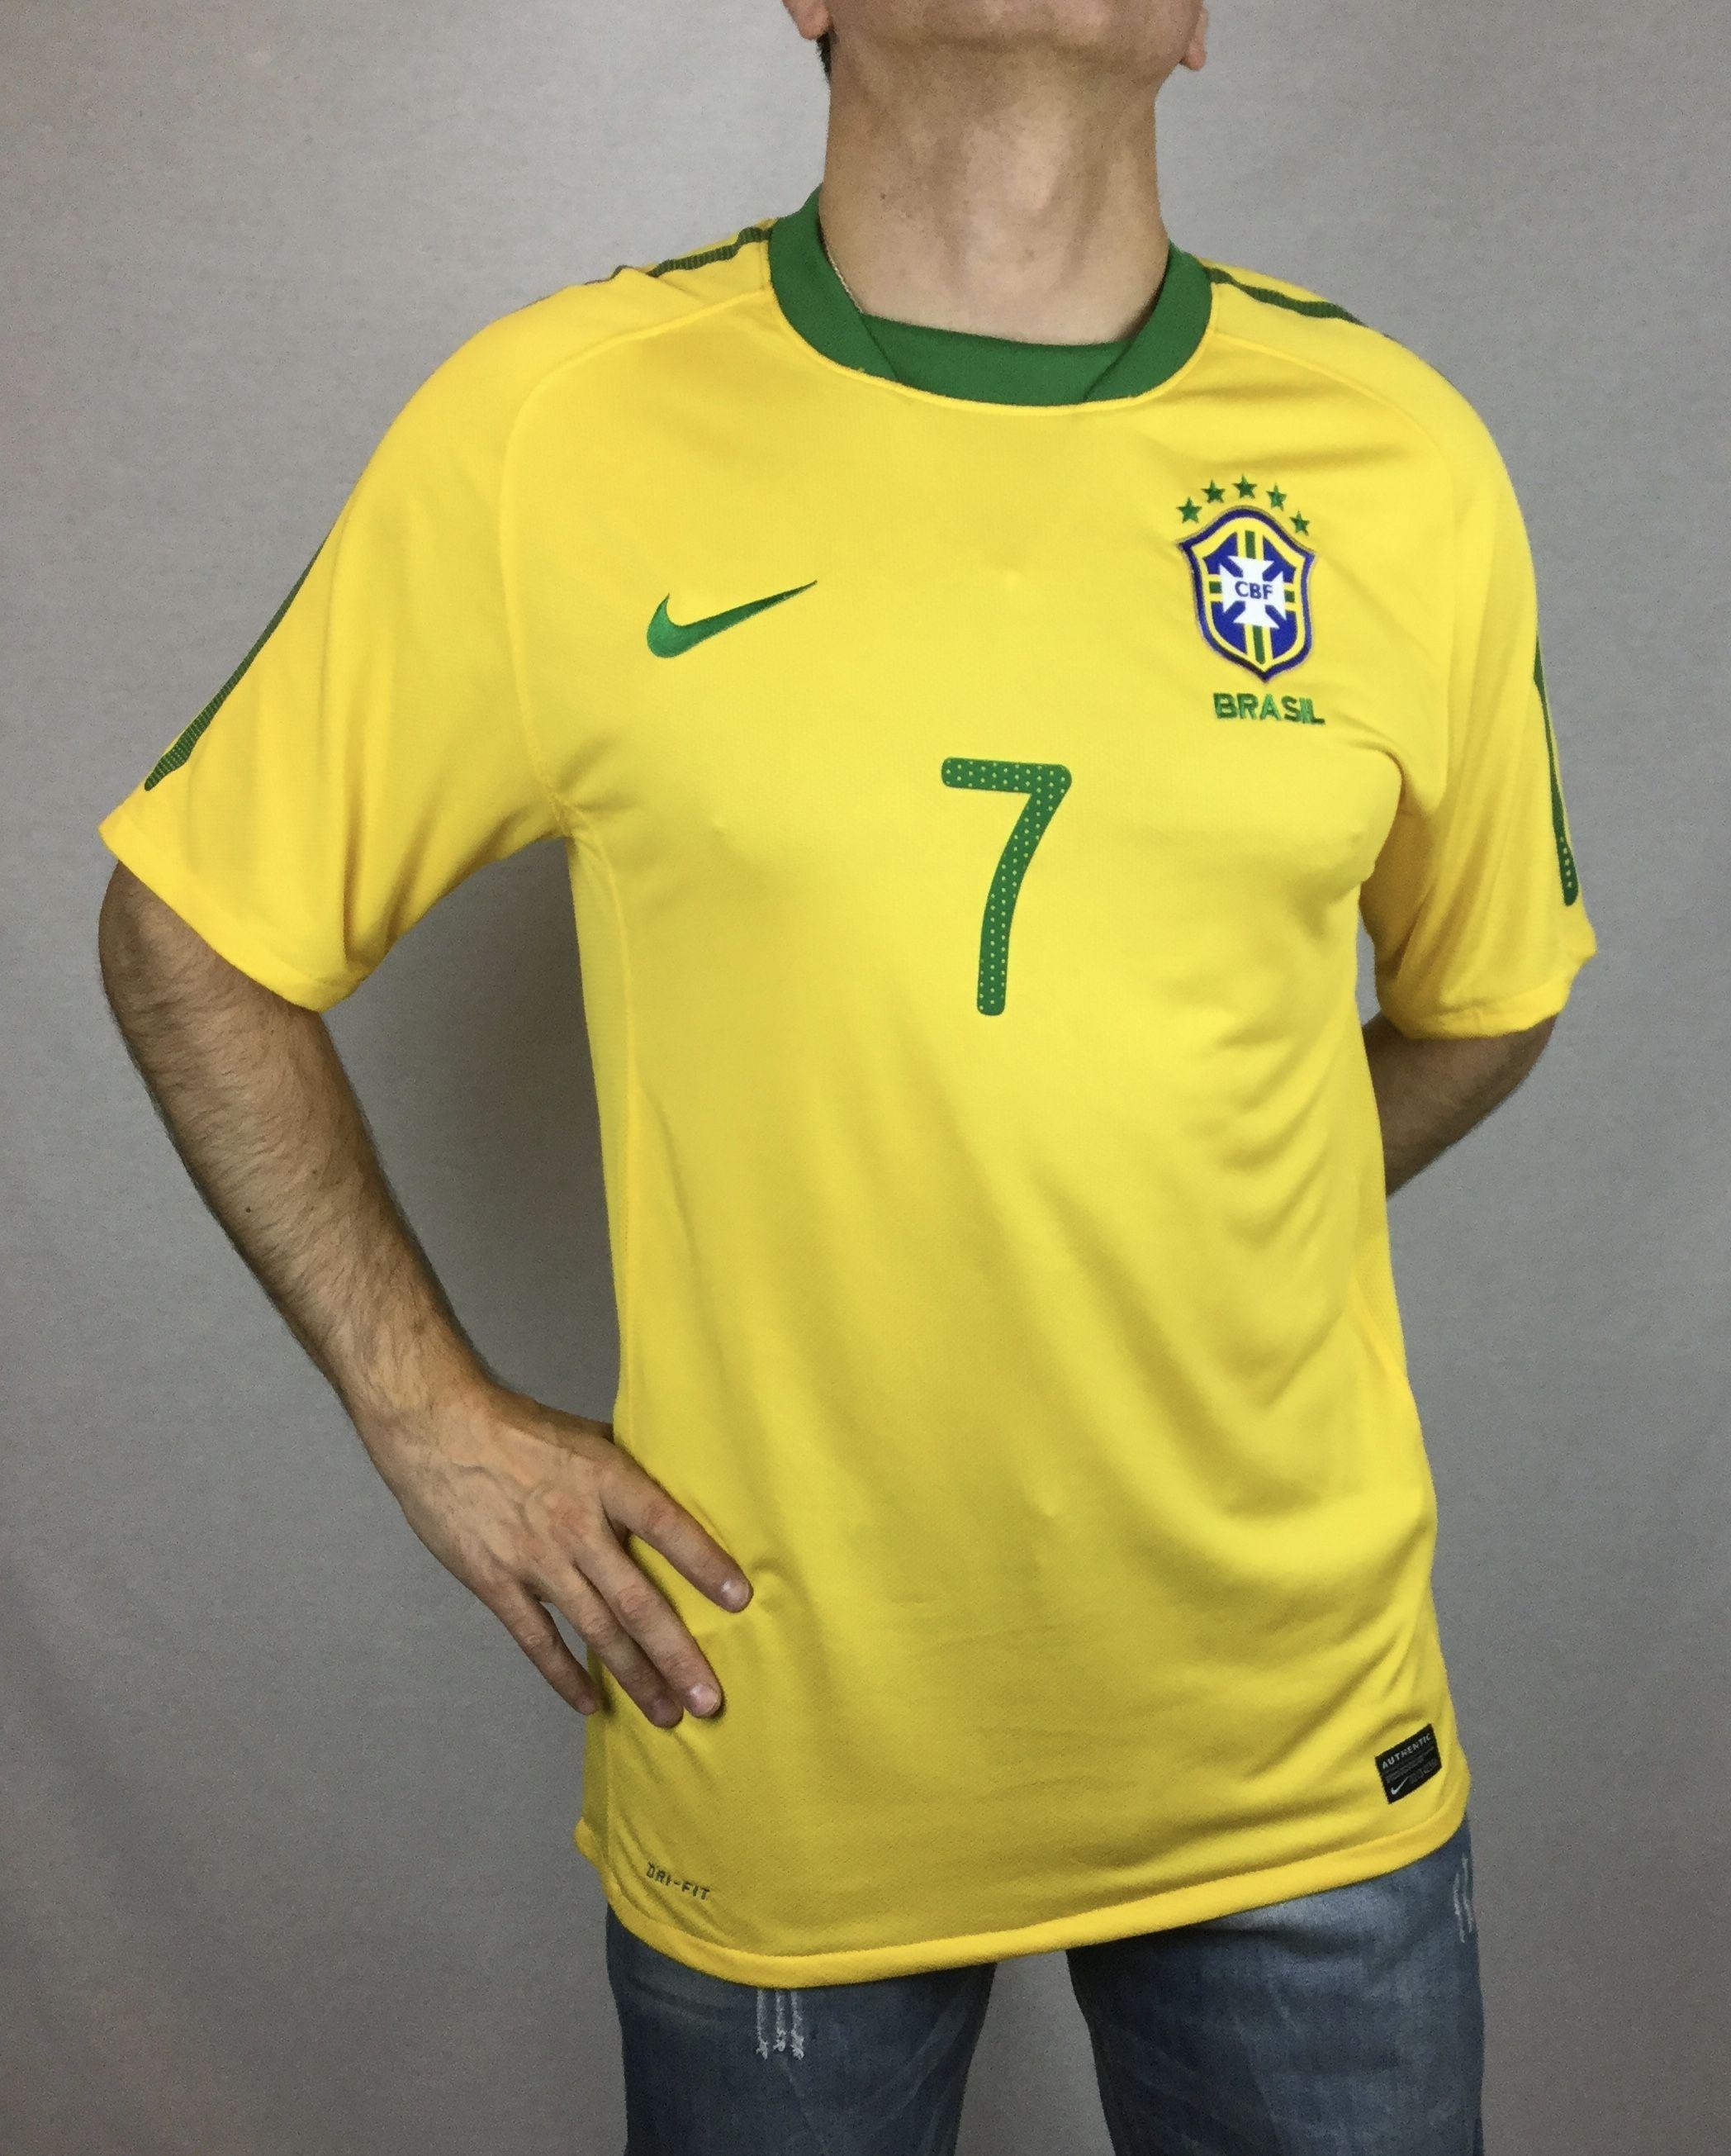 best service f1e58 2c958 Brazil National Football Team T Shirts